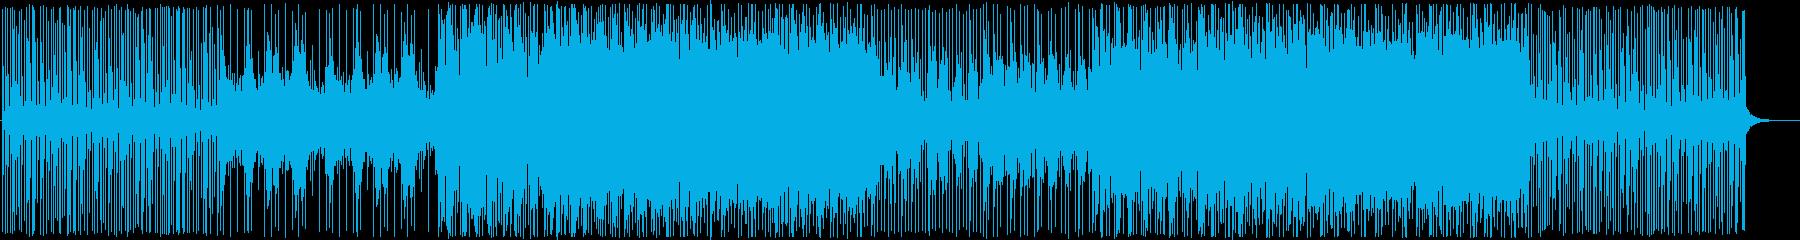 軽快エモーショナル-PV映像の再生済みの波形